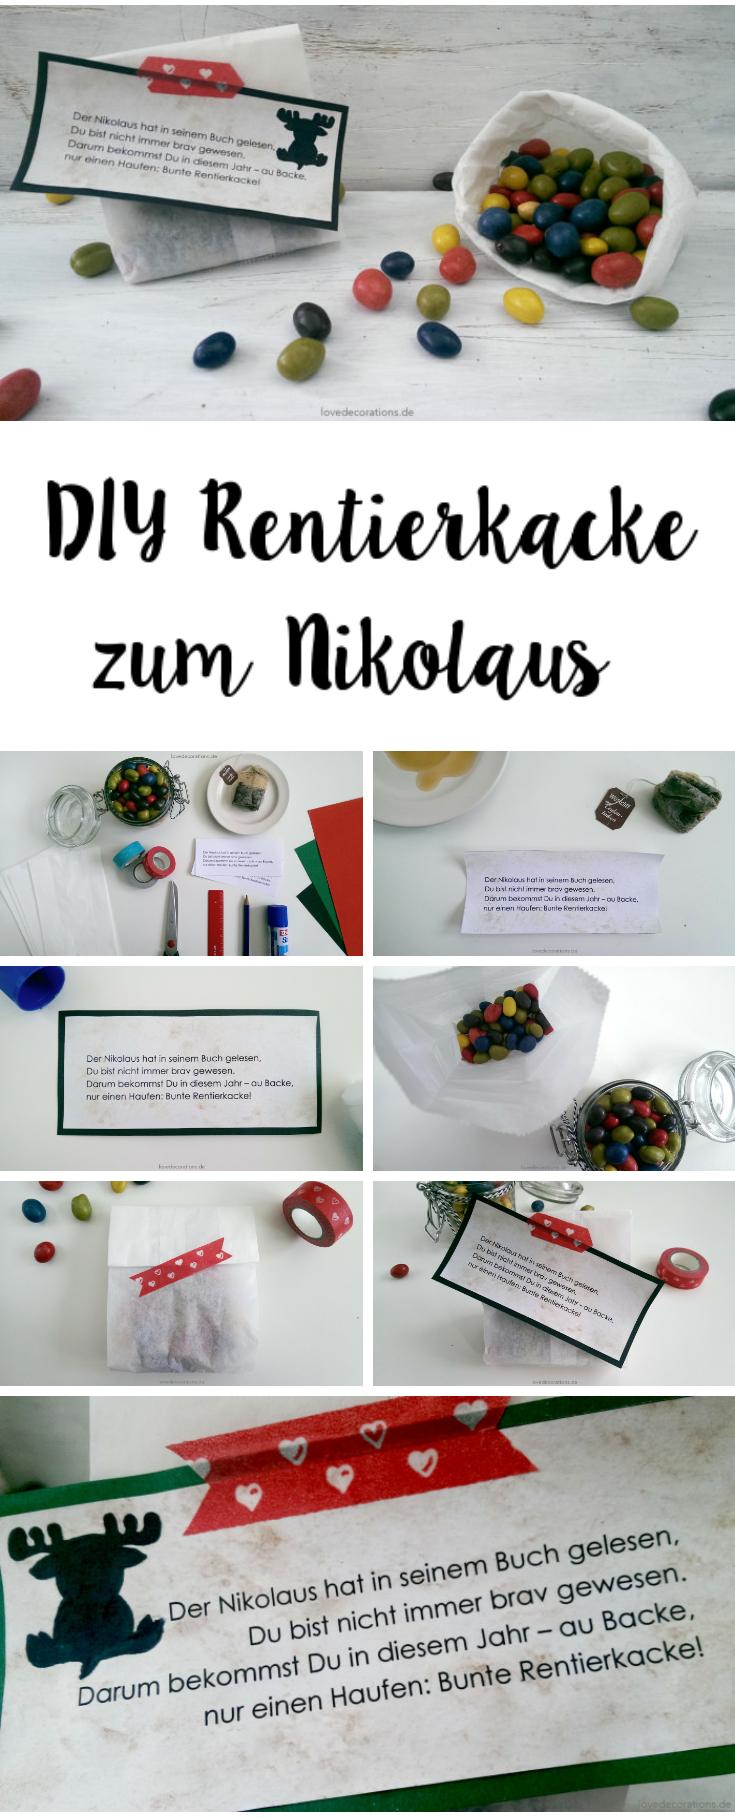 Zum Nikolaustag: Bunte Rentierkacke | Geschenke | Weihnachten ...